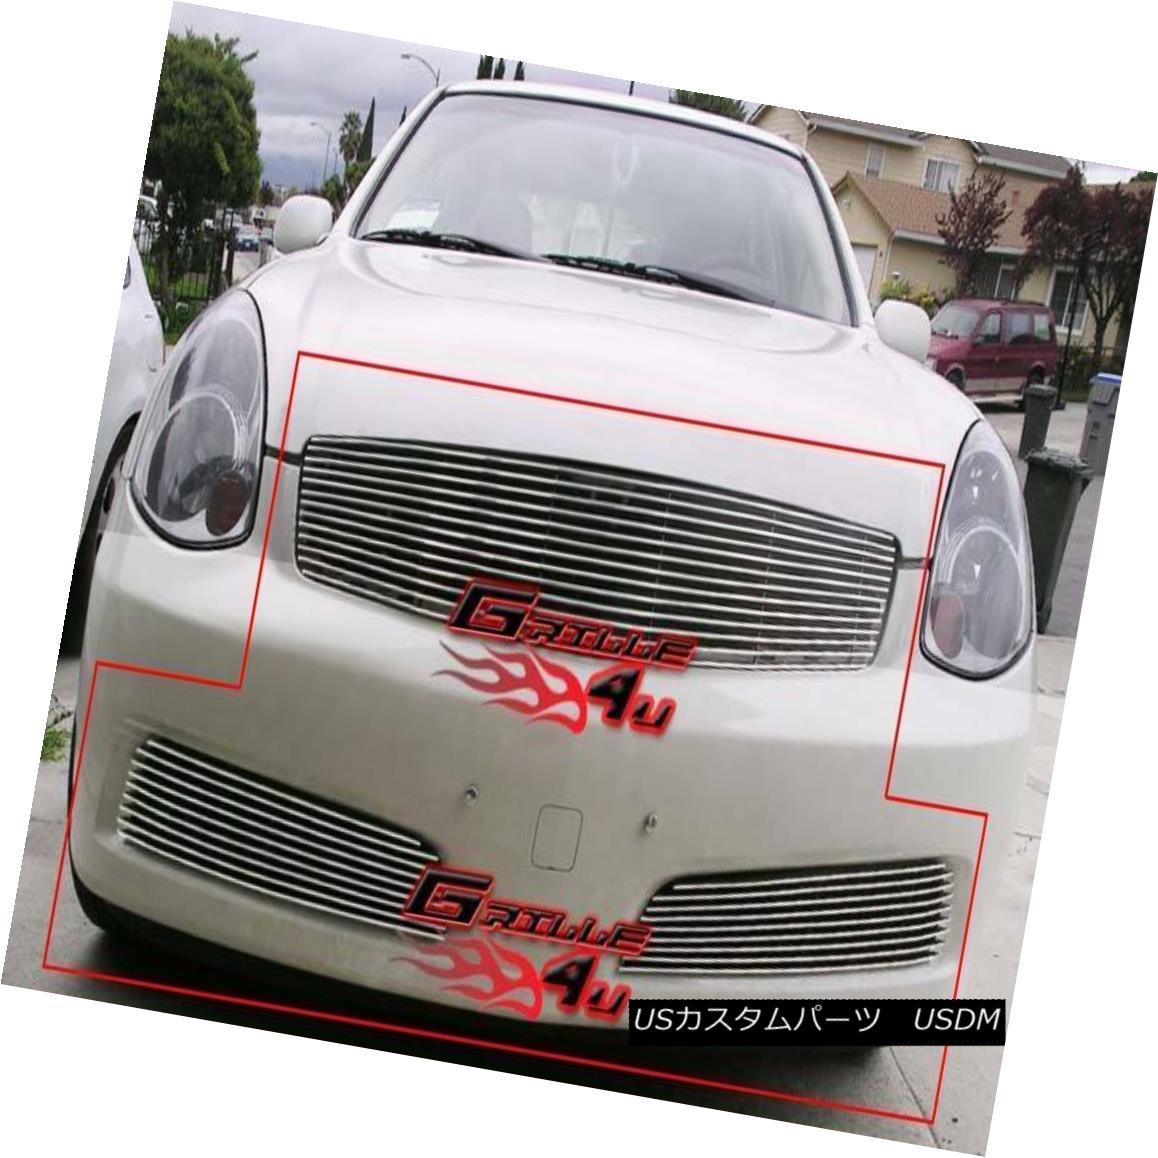 グリル Fits 2005-2006 Infiniti G35 Sedan Billet Grille Grill Combo Insert フィット2005-2006インフィニティG35セダンビレットグリルグリルコンボインサート